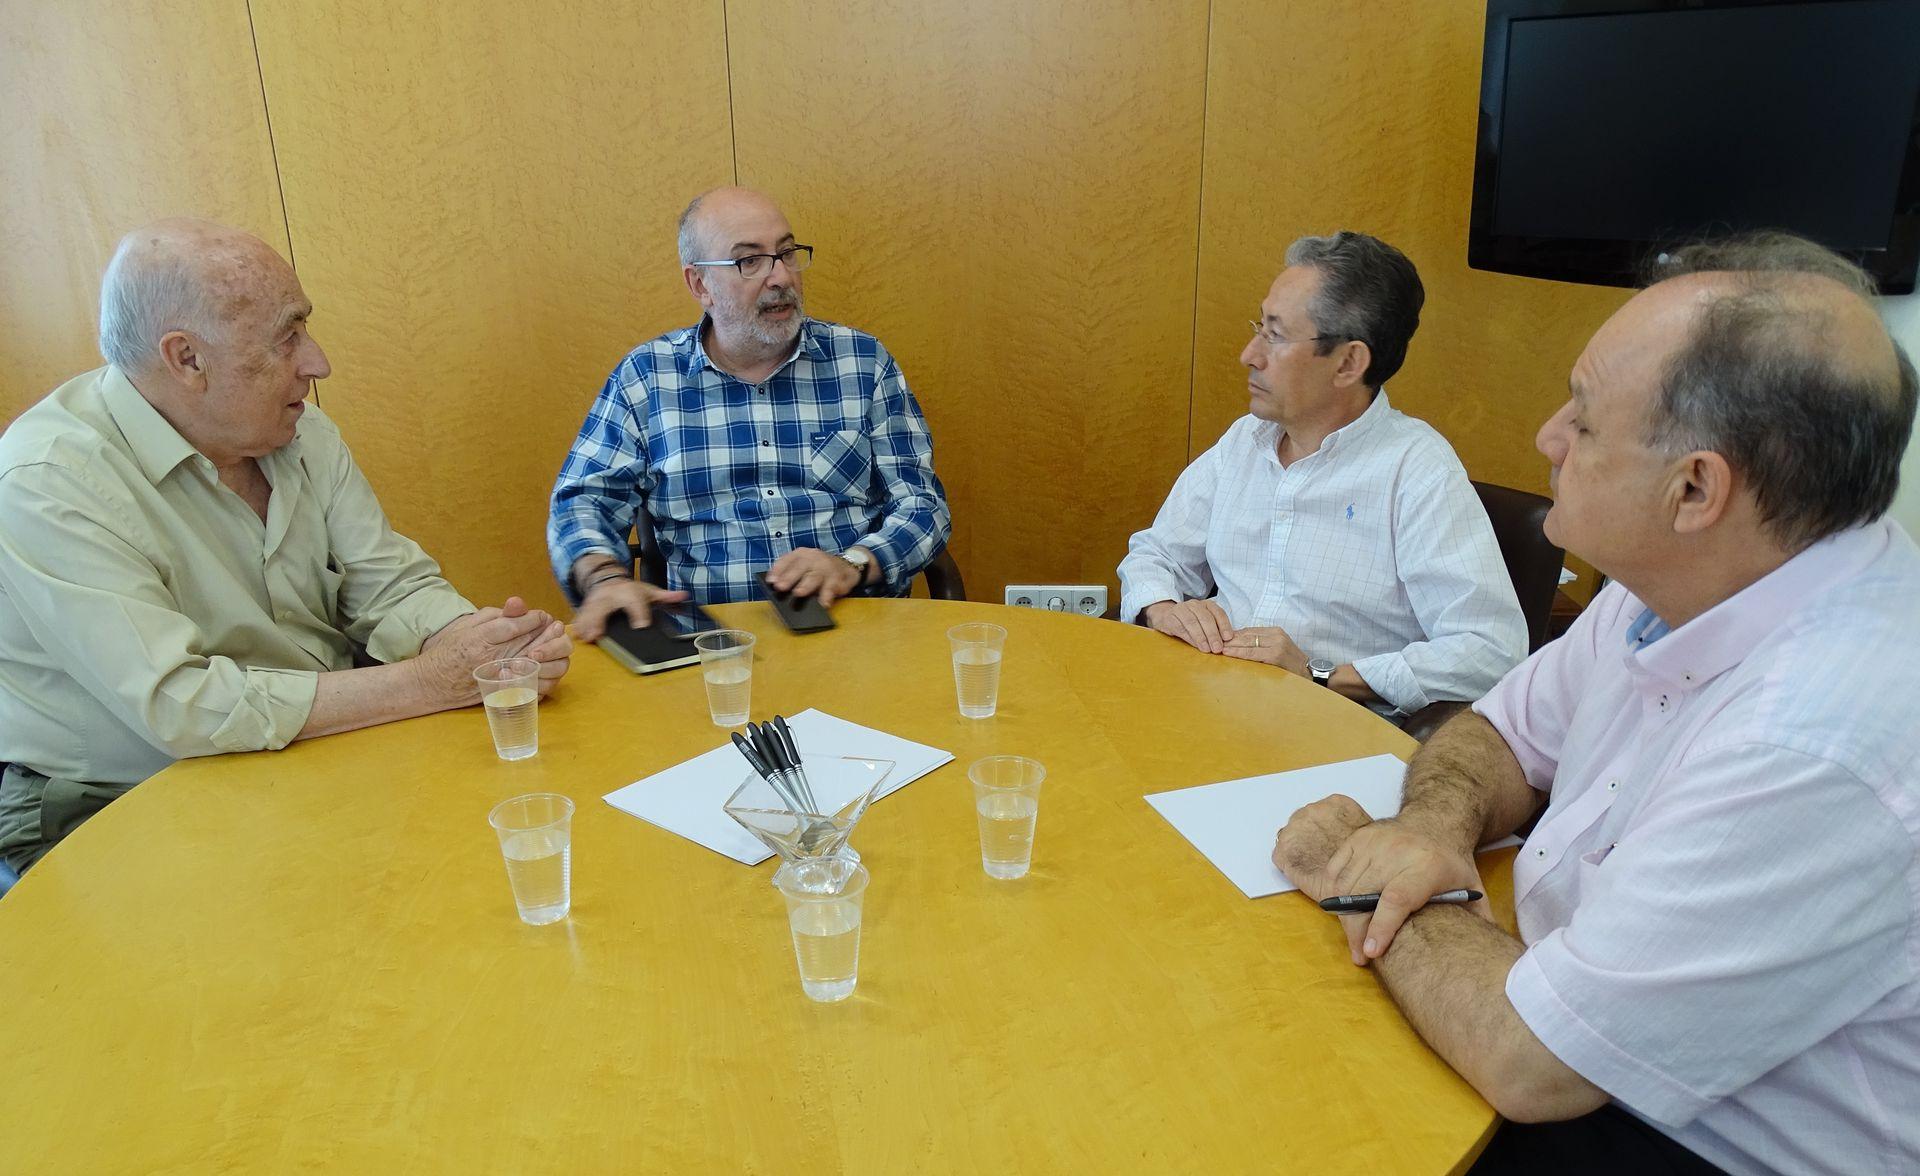 El Síndic y la Conselleria de Trasparencia colaborarán en las reclamaciones de acceso a la información